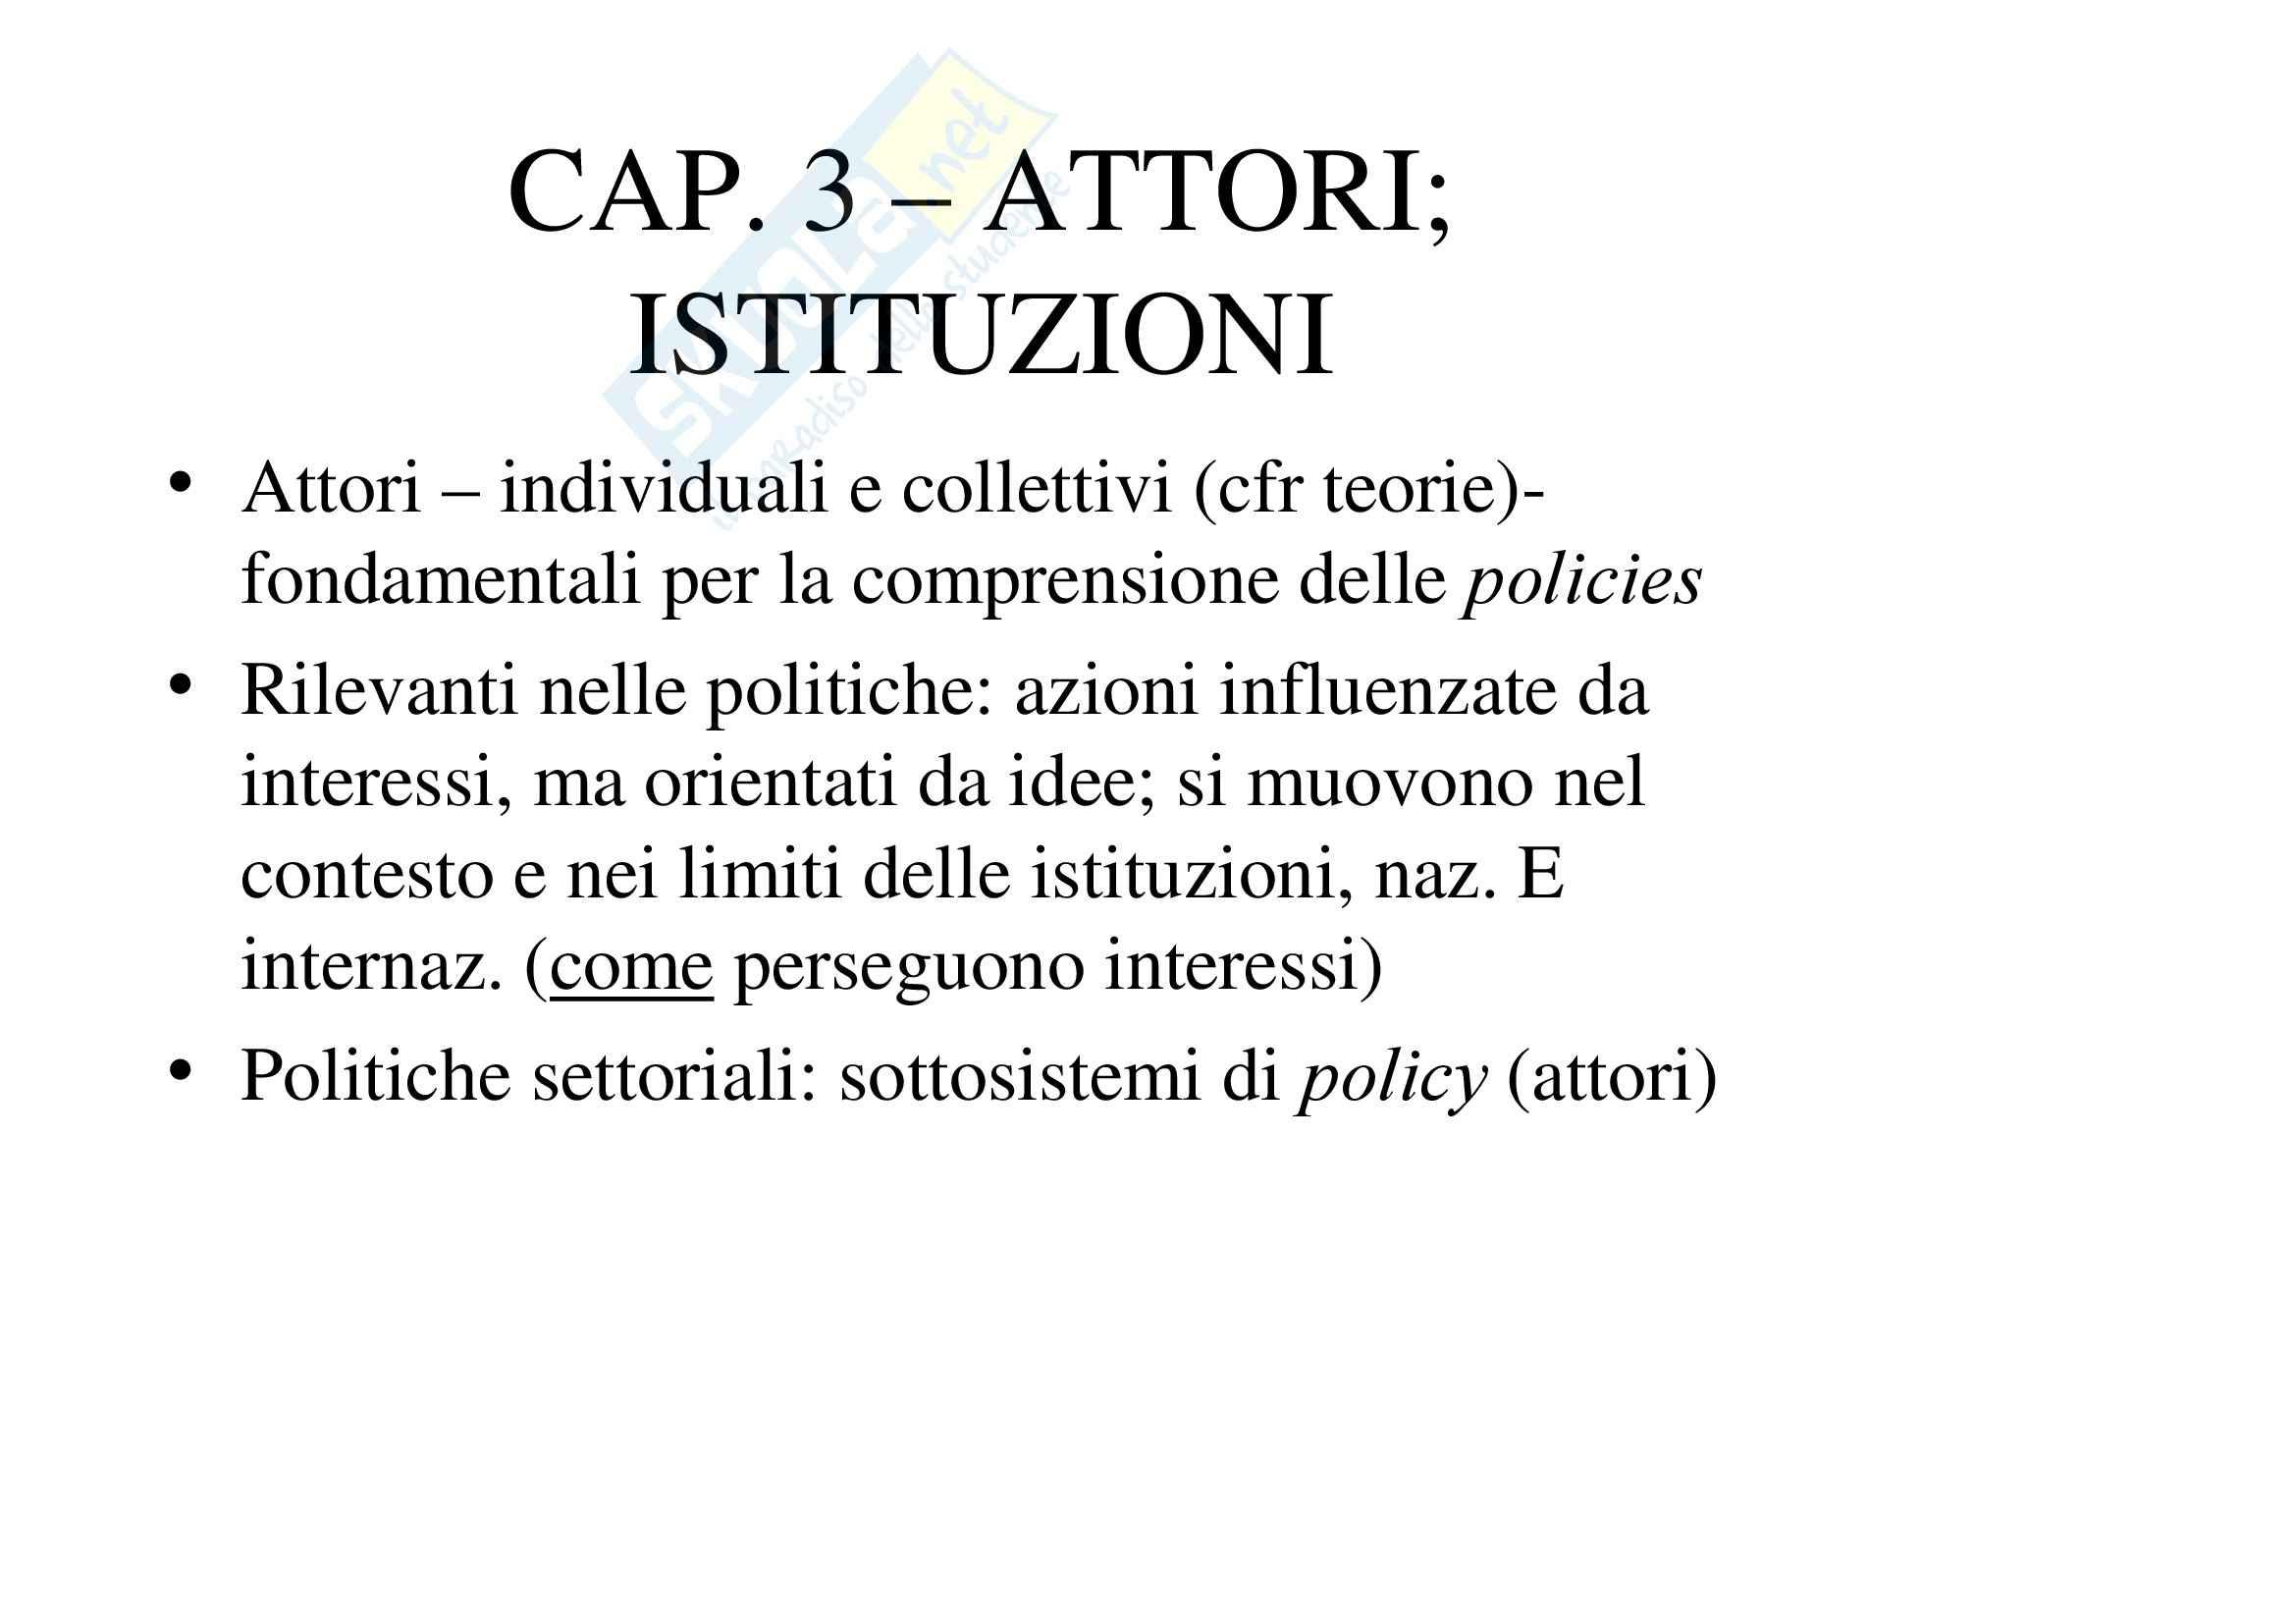 appunto R. Lewanski Analisi delle politiche pubbliche